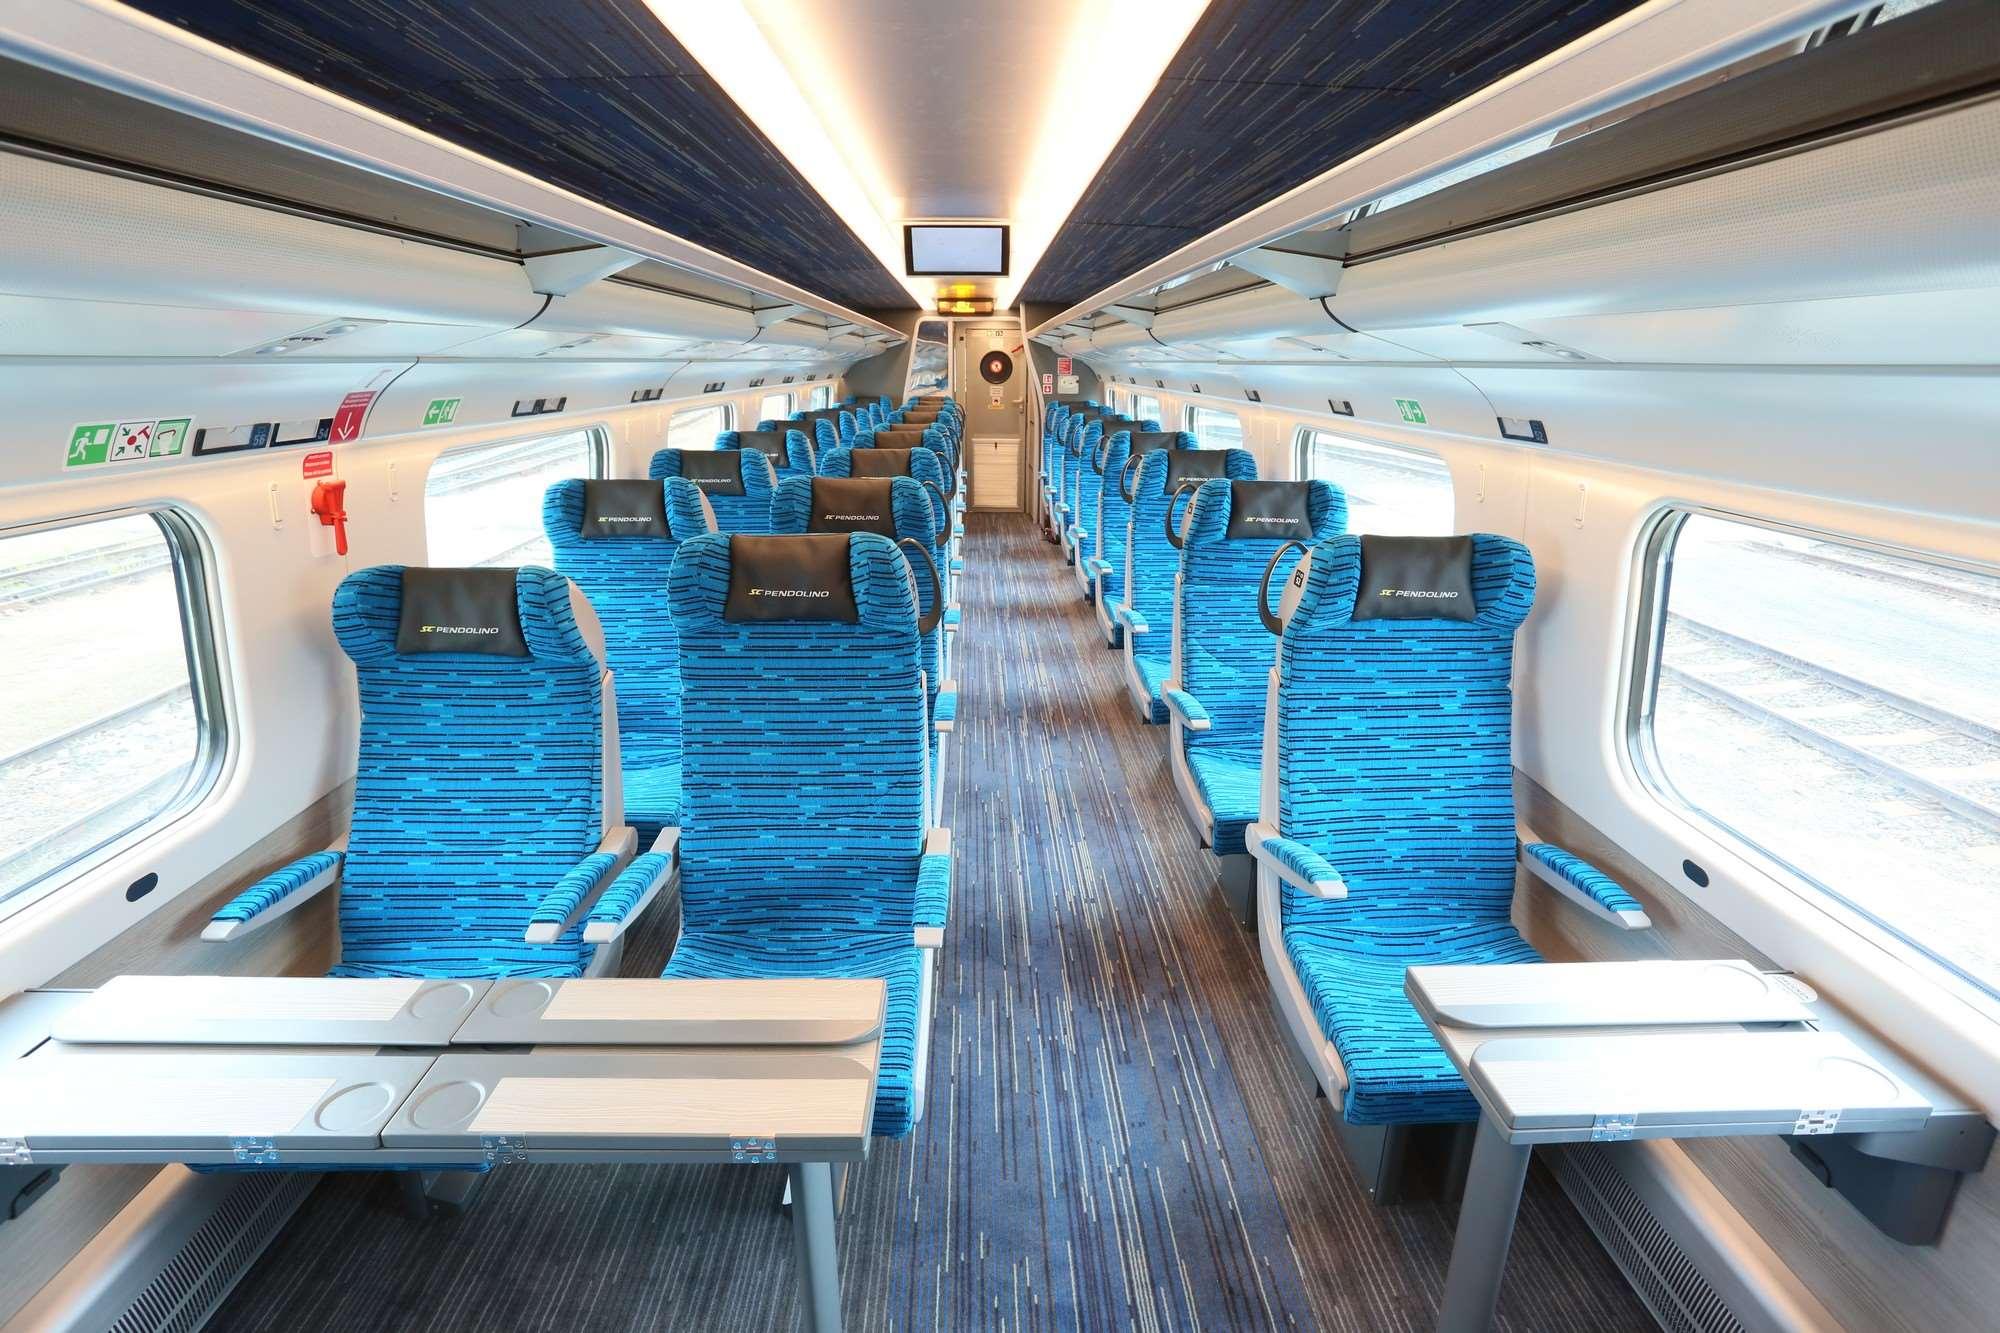 8bc147afd87 Samozřejmostí je pokrytí vlaků Pendolino bezdrátovým připojením k  internetu, které bylo dostupné i před modernizací ...